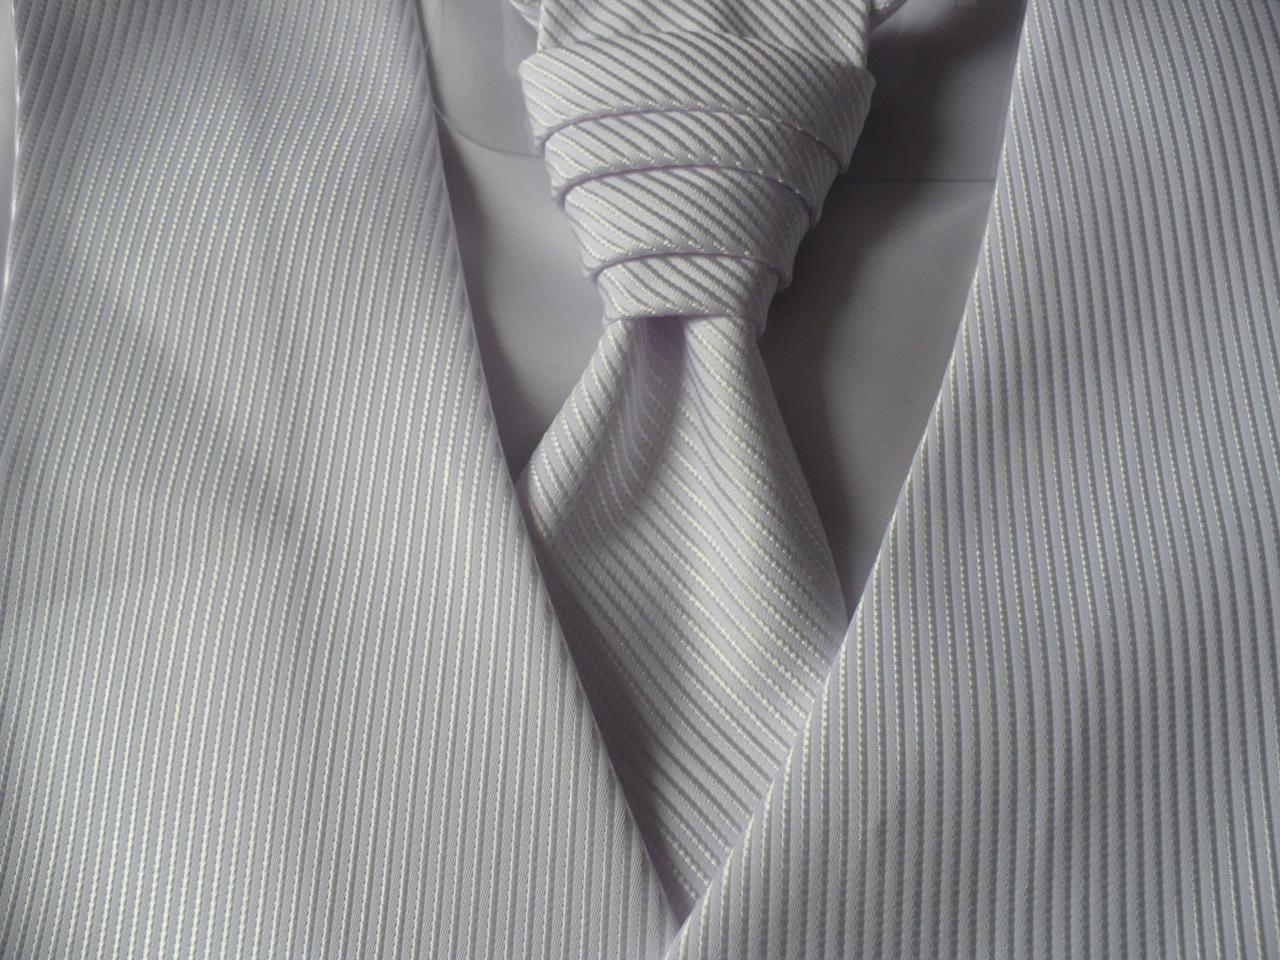 Pánska vesta s francúzskou kravatou - Obrázok č. 3